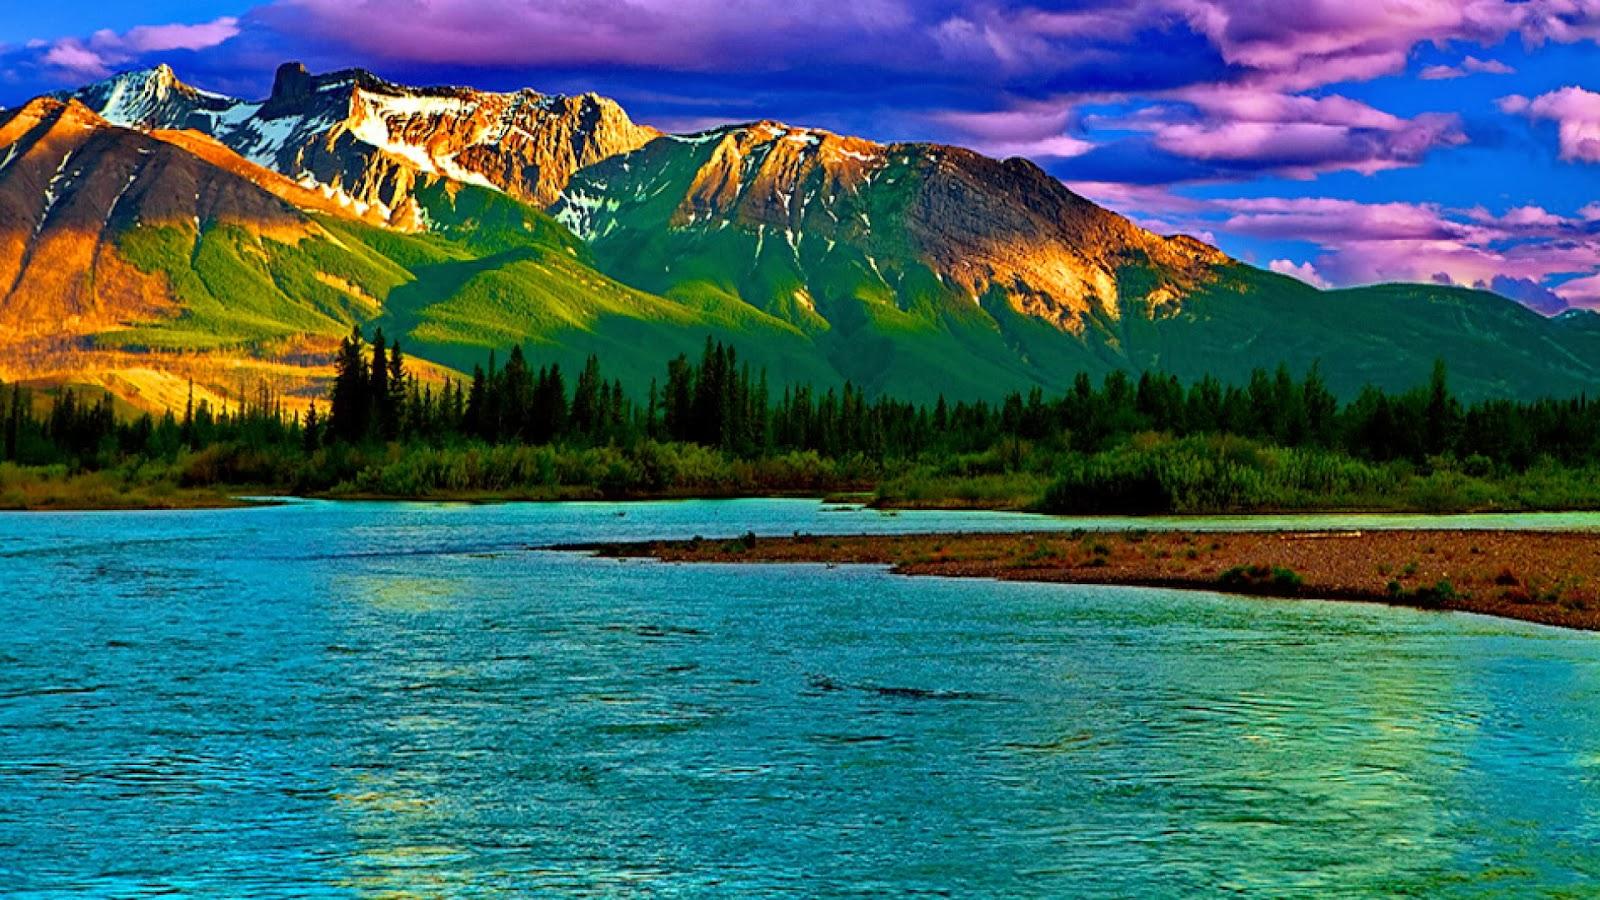 بالصور صور جمال الطبيعة , اجمل بوستات لروعة الطبيعة 5160 1